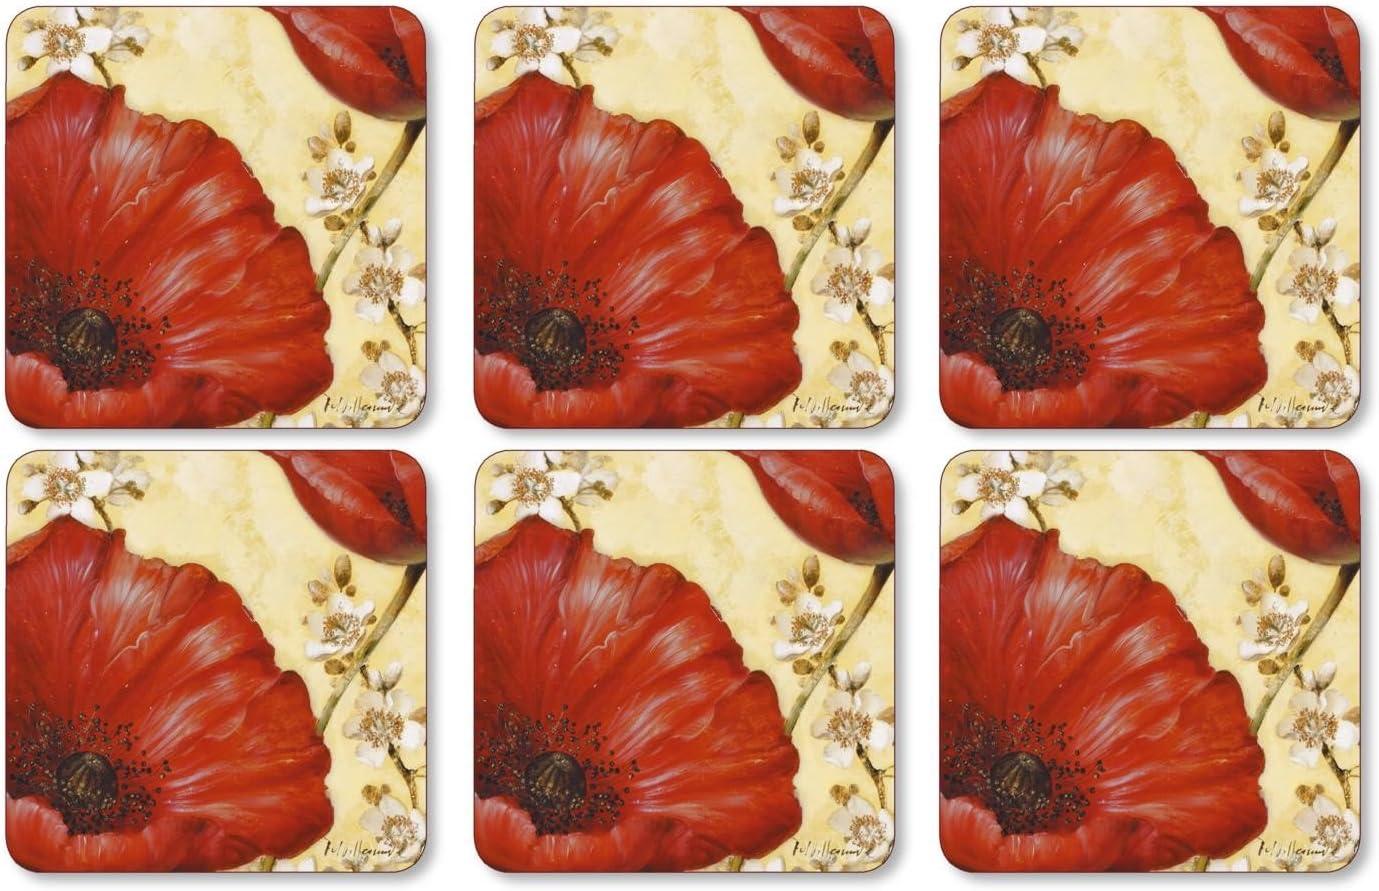 Pimpernel Poppy de Villeneuve Collection Coasters - Set of 6